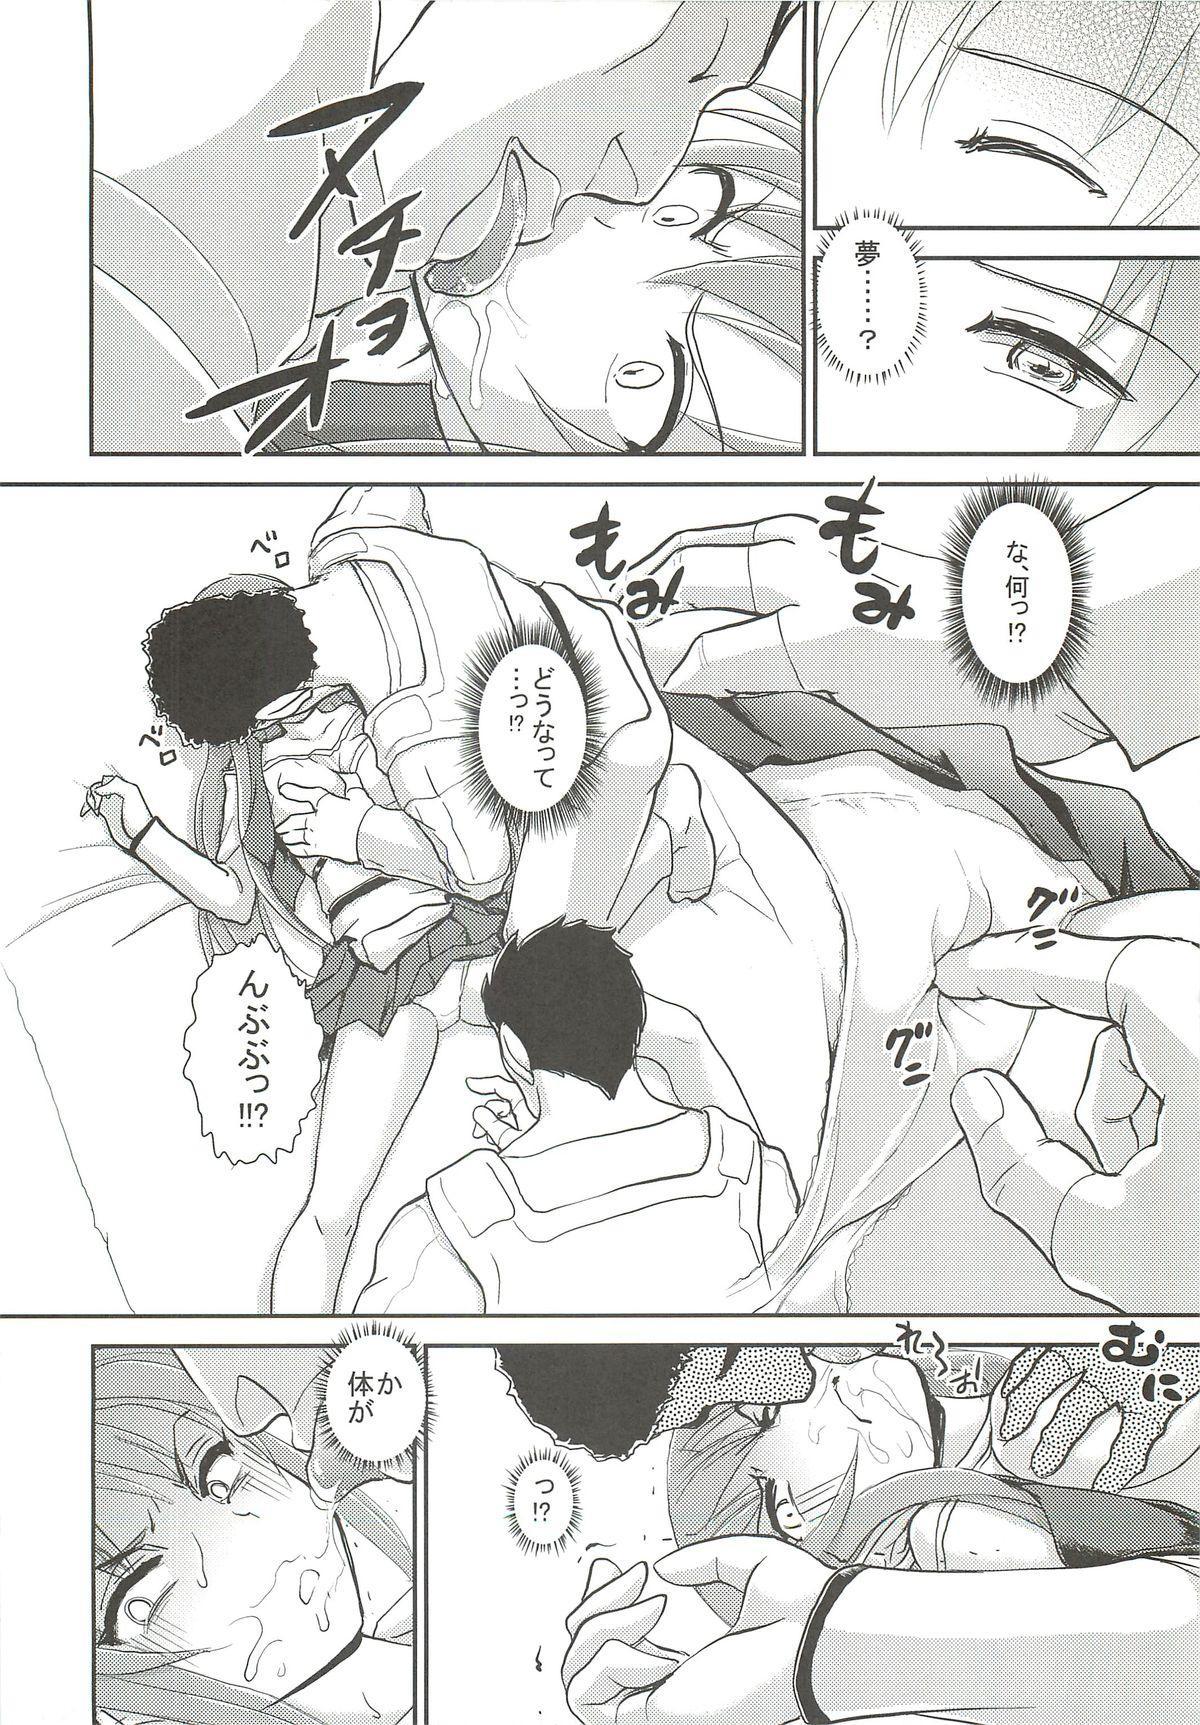 Hajimari no Machi 4